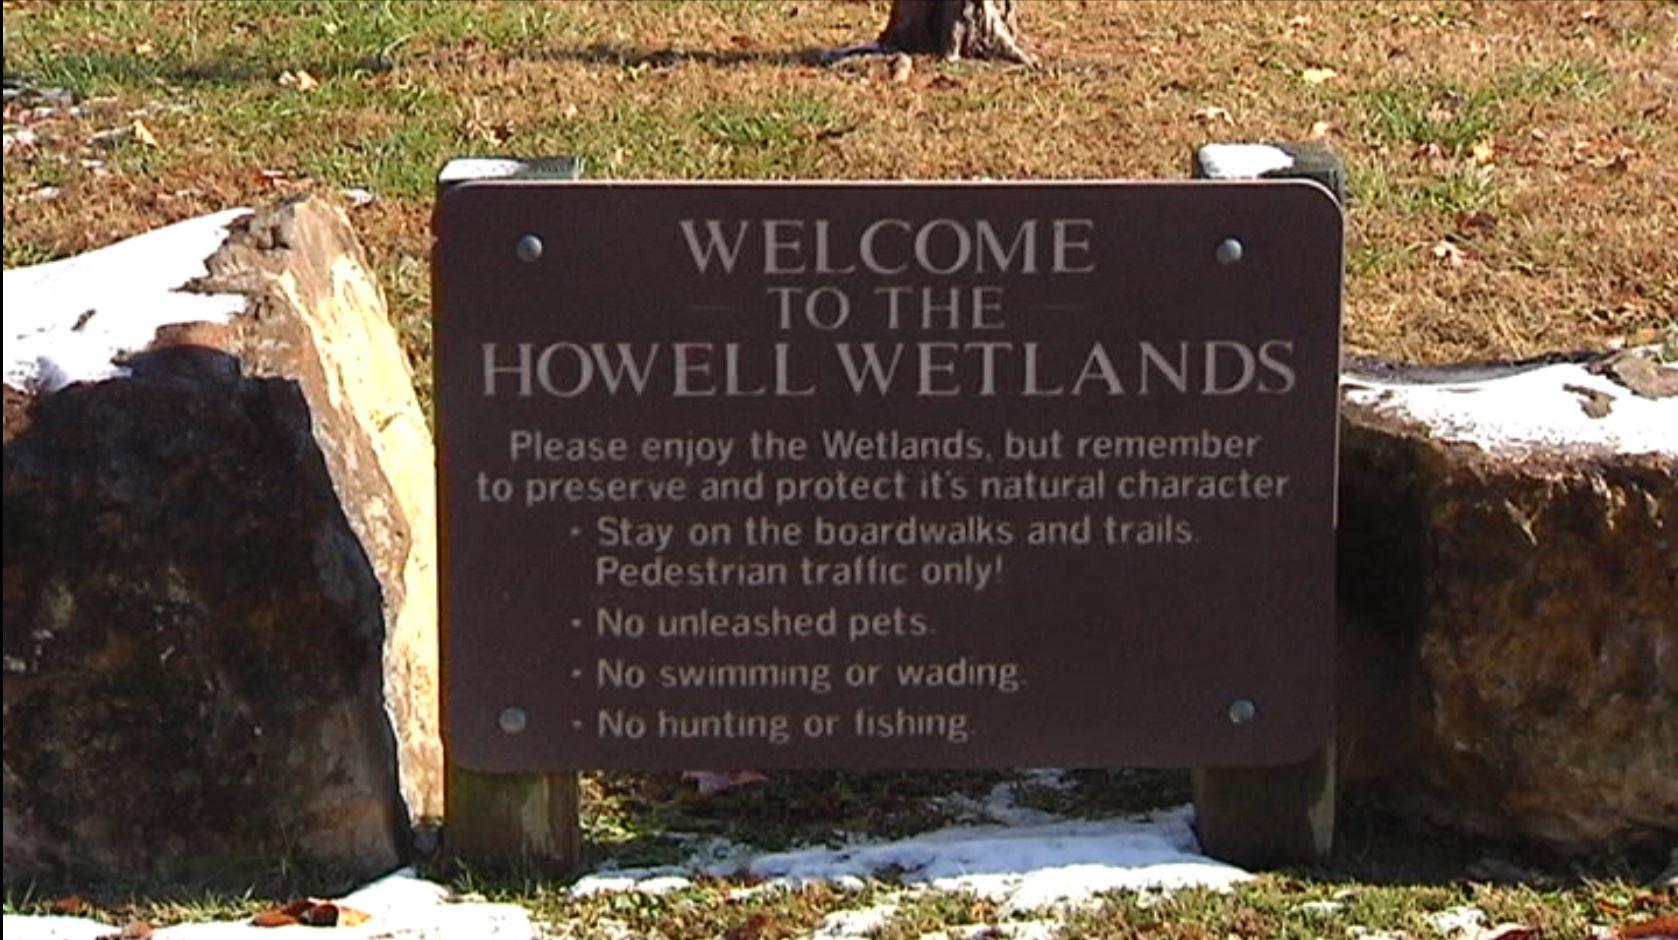 howell wetlands_1542399407651.JPG.jpg